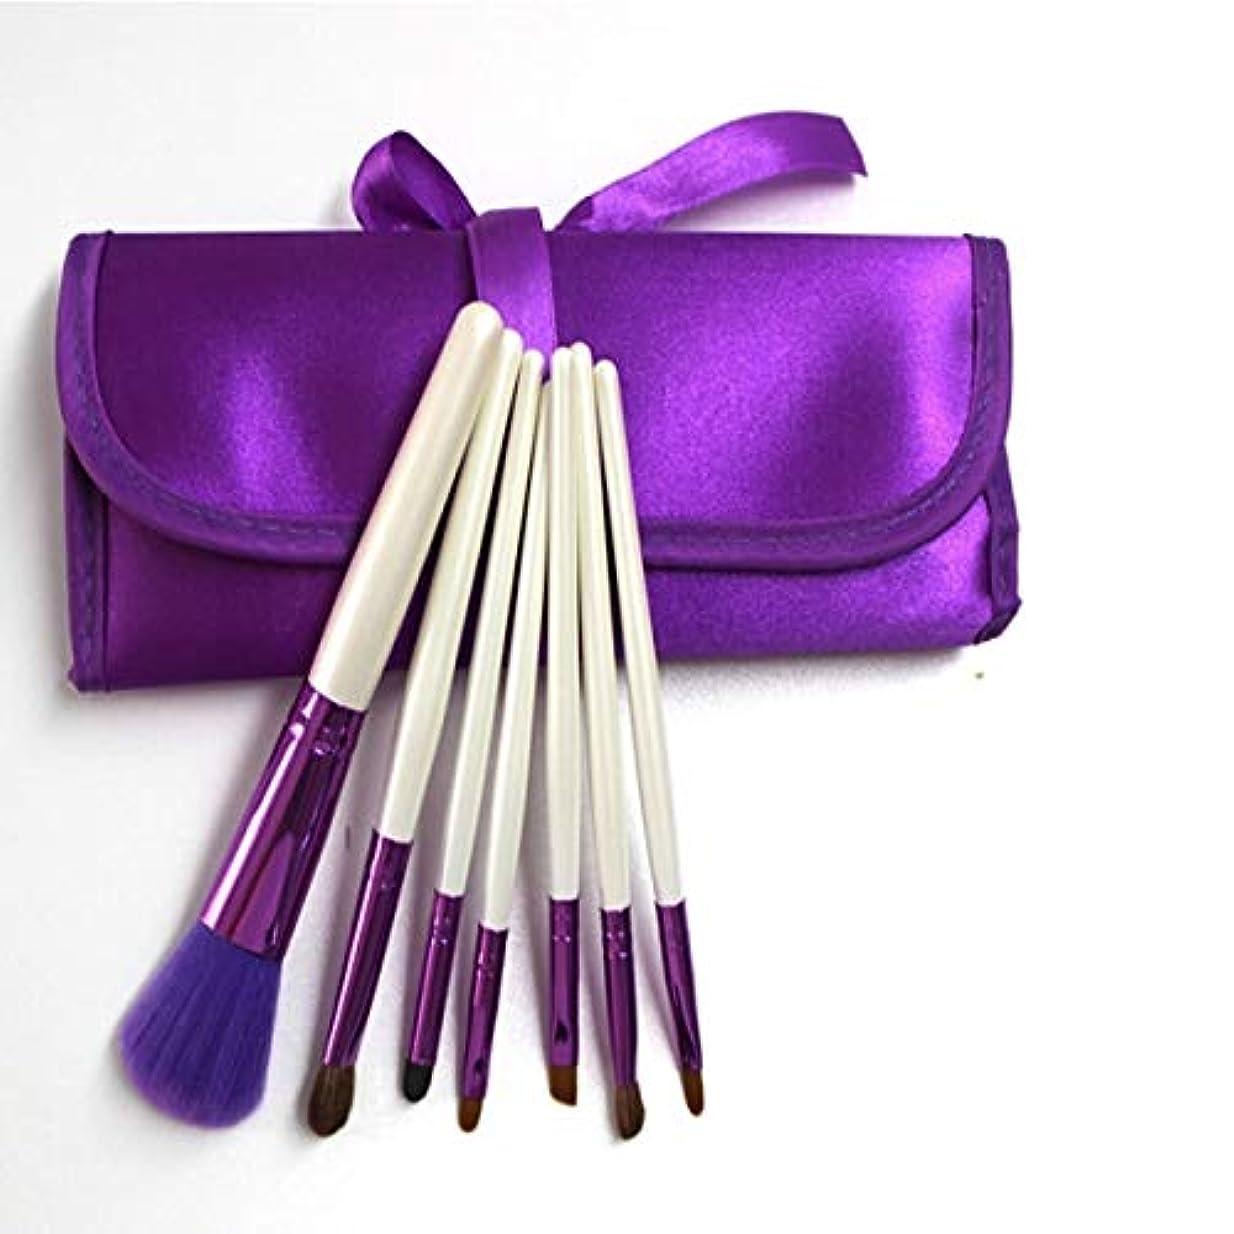 ケーキ彼女イルXIAOCHAOSD メイクブラシセットメイクブラシセット7ピースアイシャドウブラシアイブローブラシチークブラシアイライナーブラシリップブラシメイクアップ美容ツール (Color : Purple)